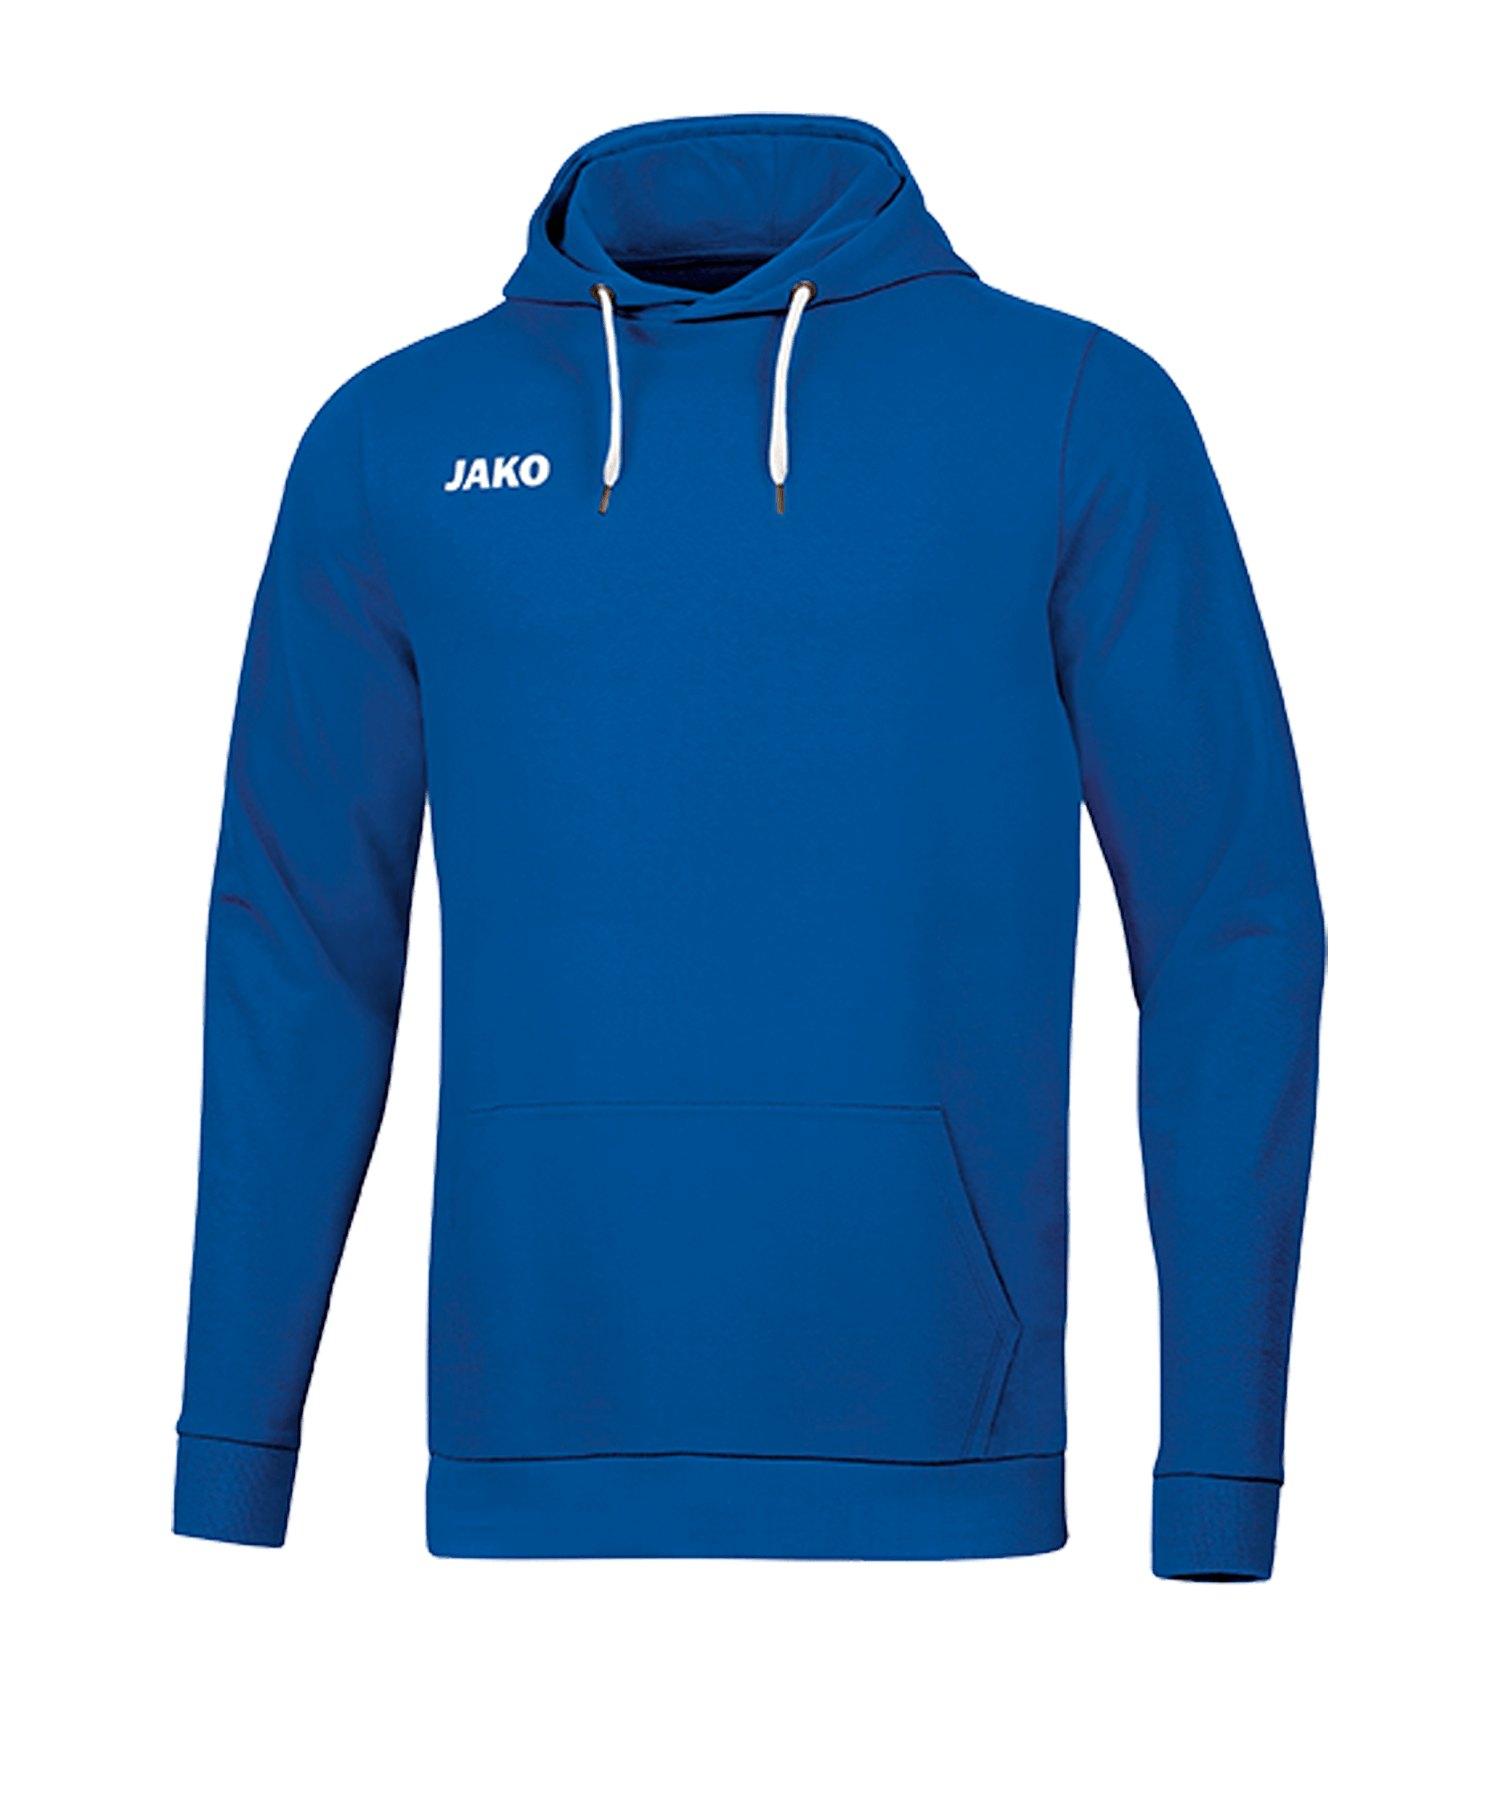 JAKO Base Hoody Blau F04 - blau